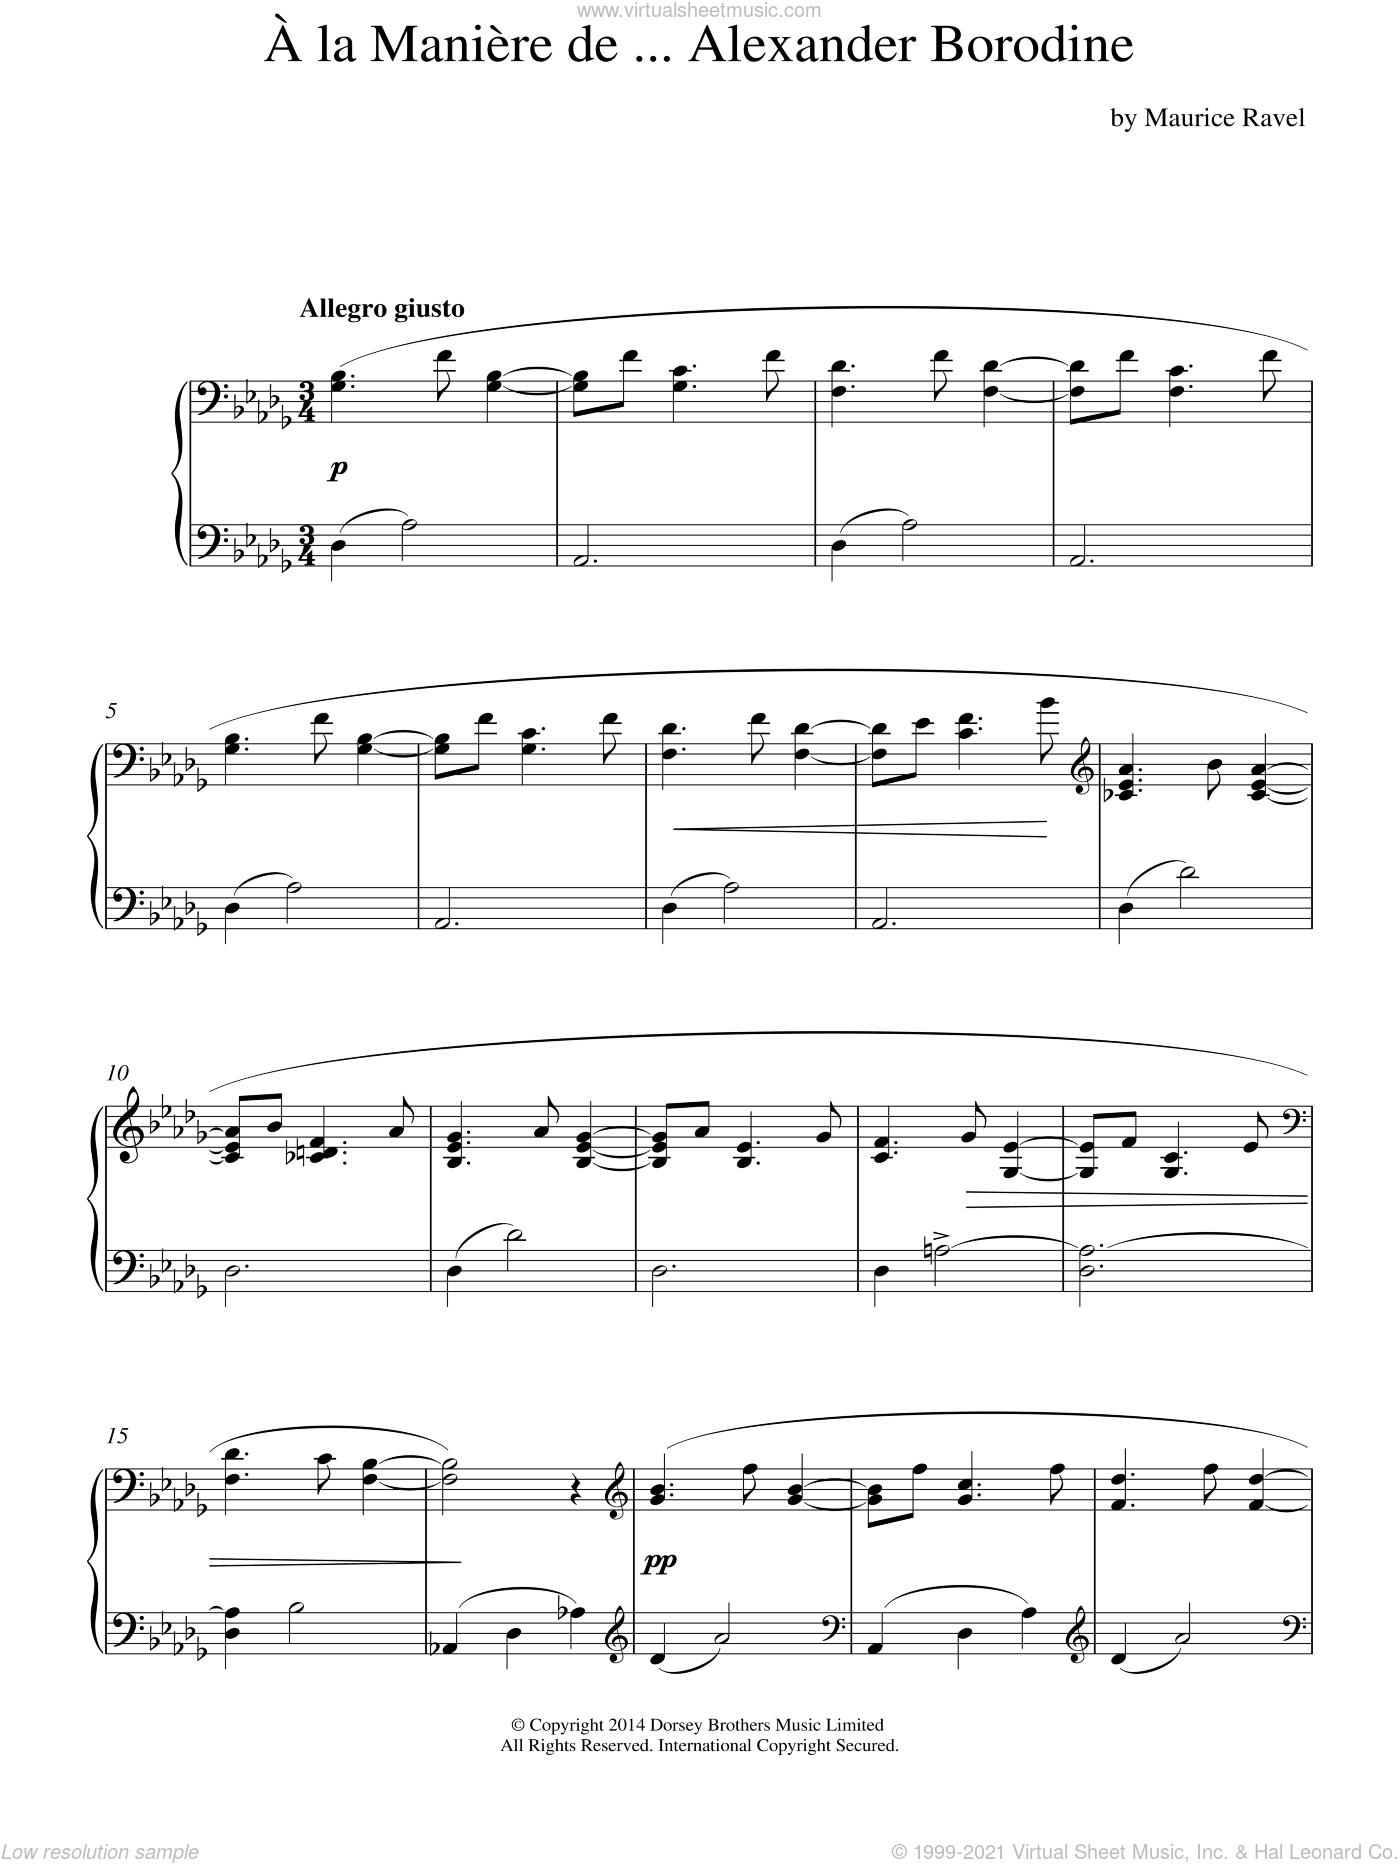 A La Maniere De Alexander Borodine sheet music for piano solo by Maurice Ravel, classical score, intermediate skill level